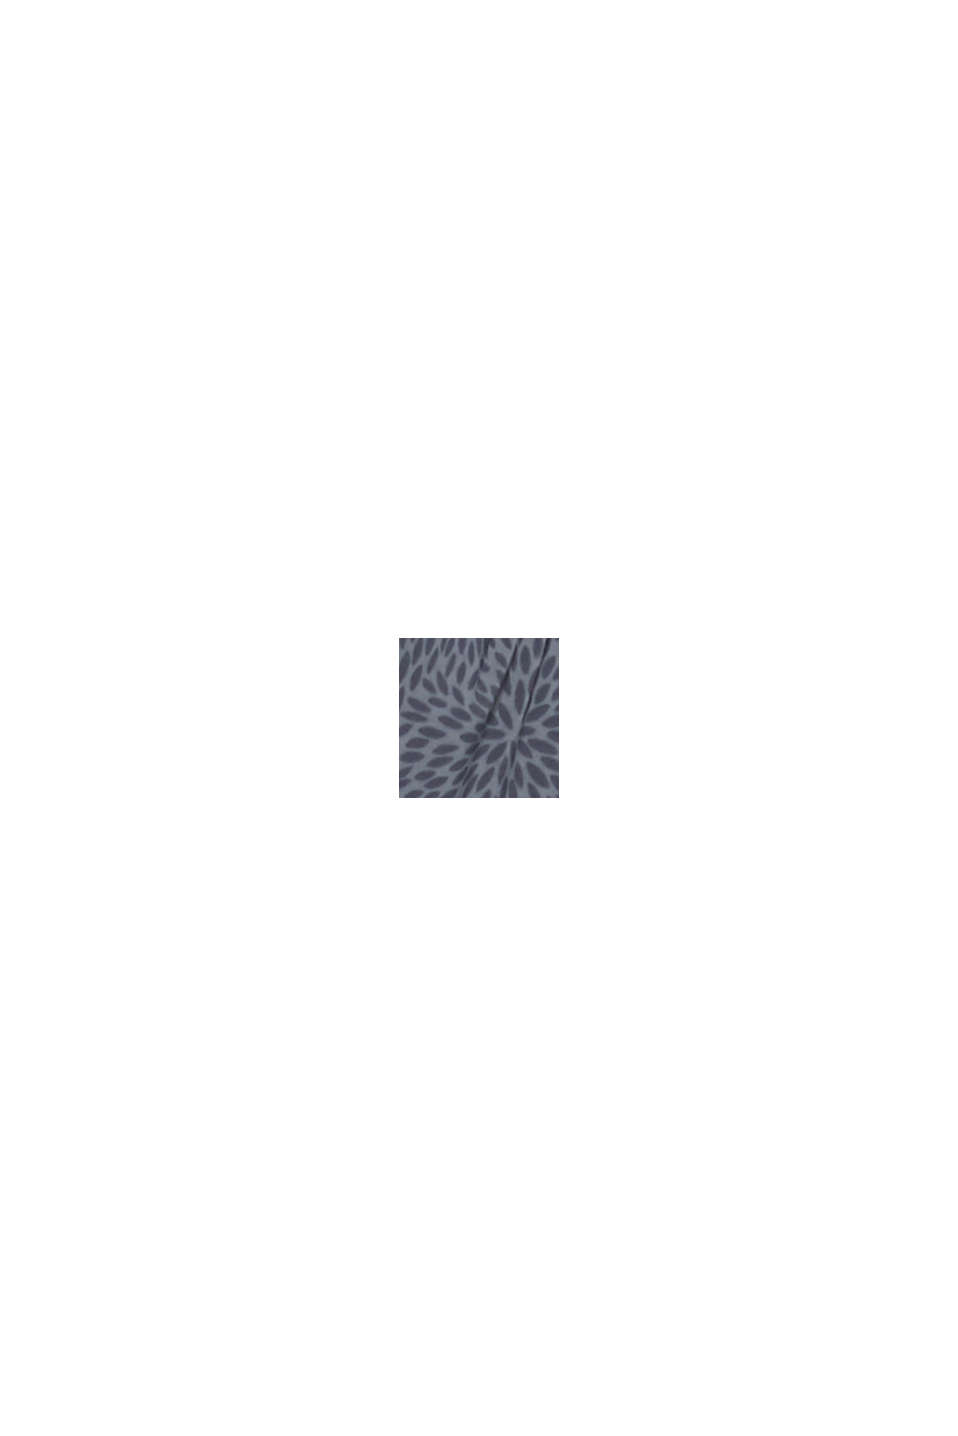 Sujetador de aros sin relleno con estampado de hojas, ANTHRACITE, swatch